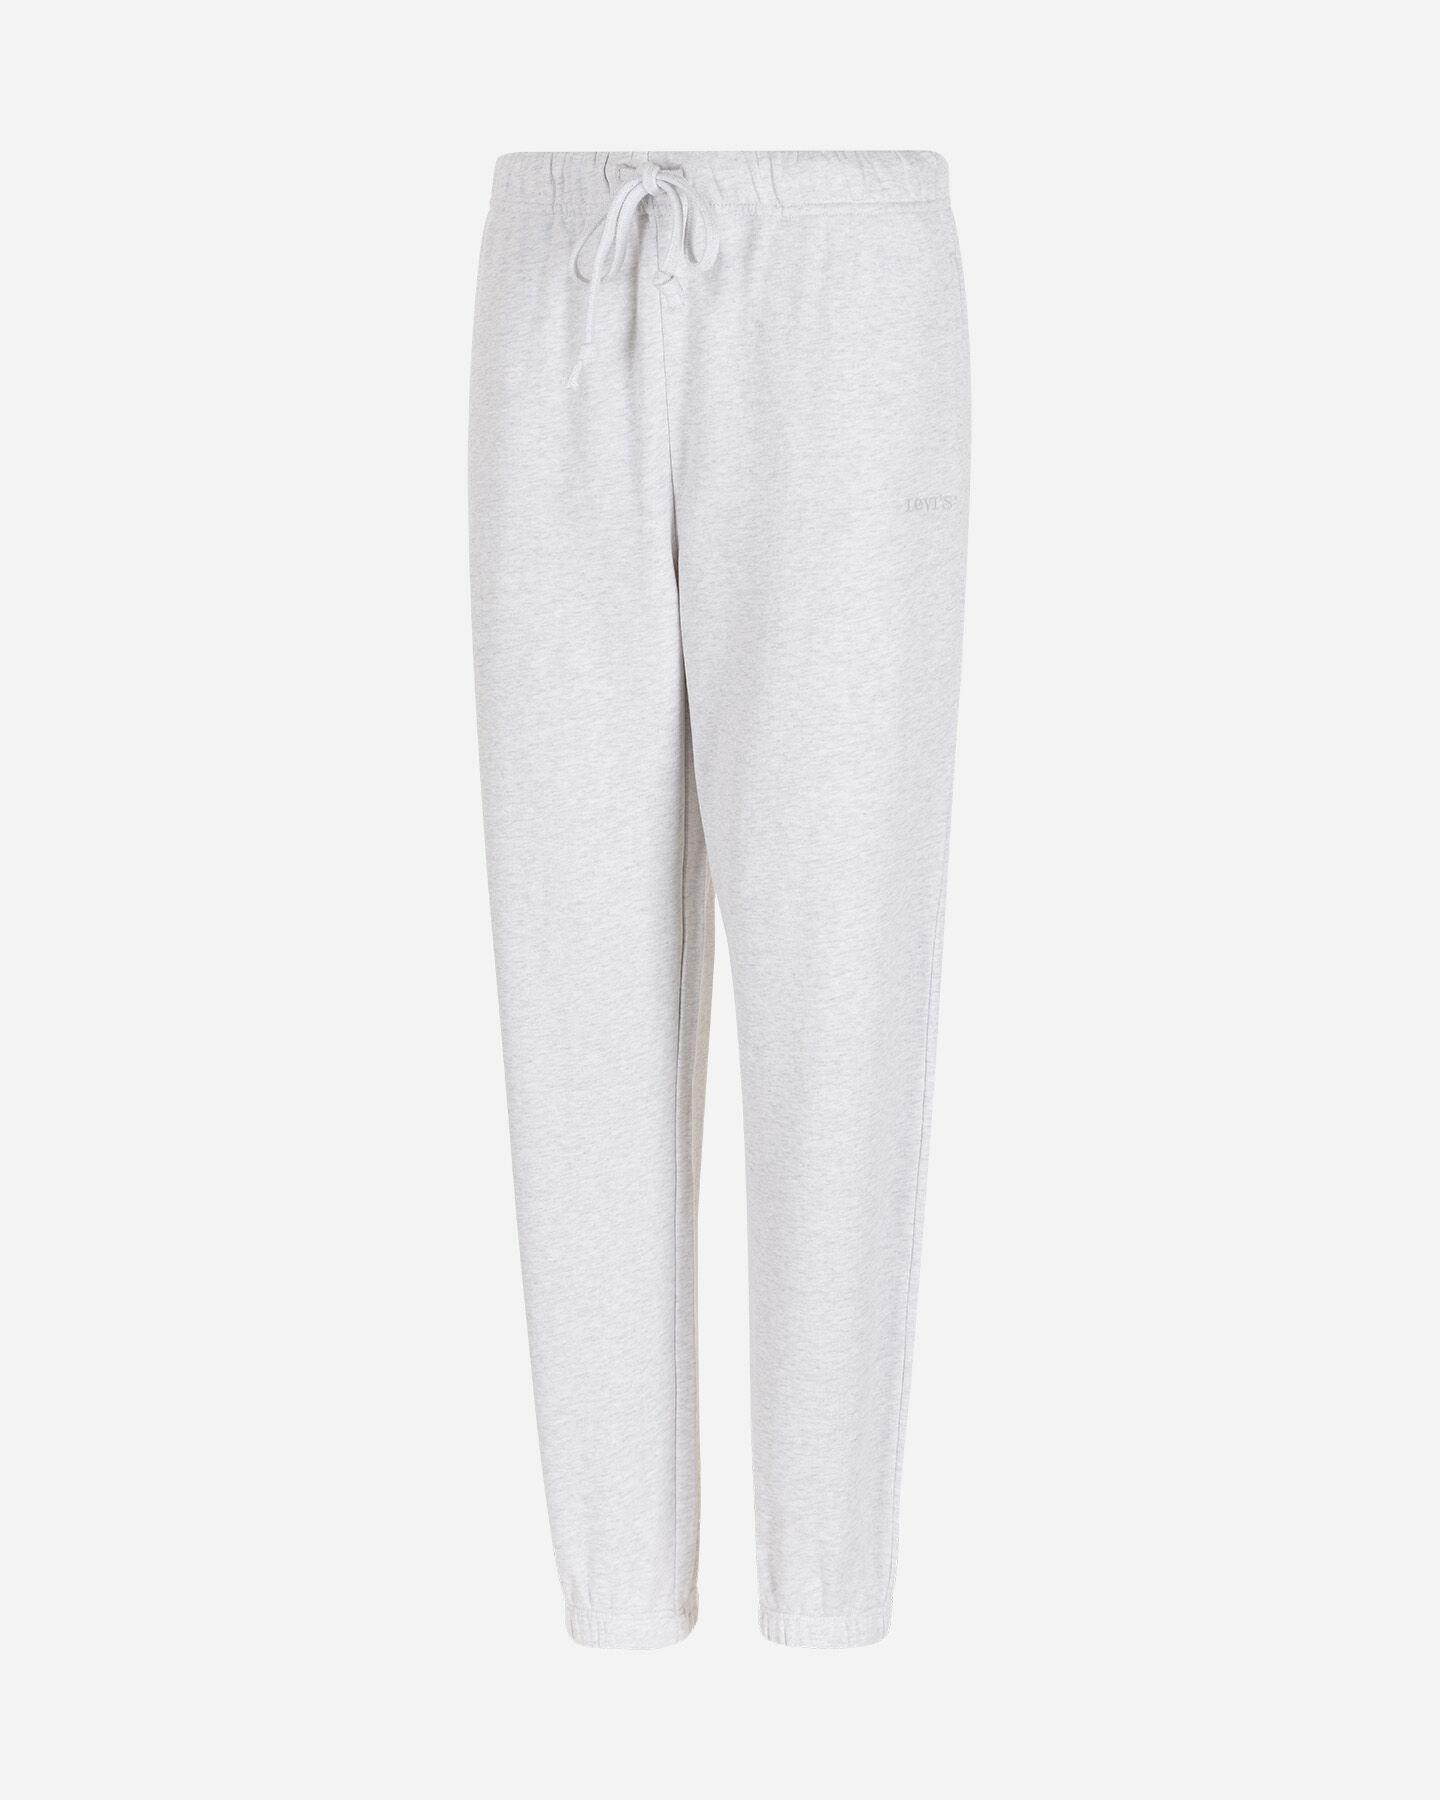 Pantalone LEVI'S CAPSULE TAB TECH W S4097256 scatto 3